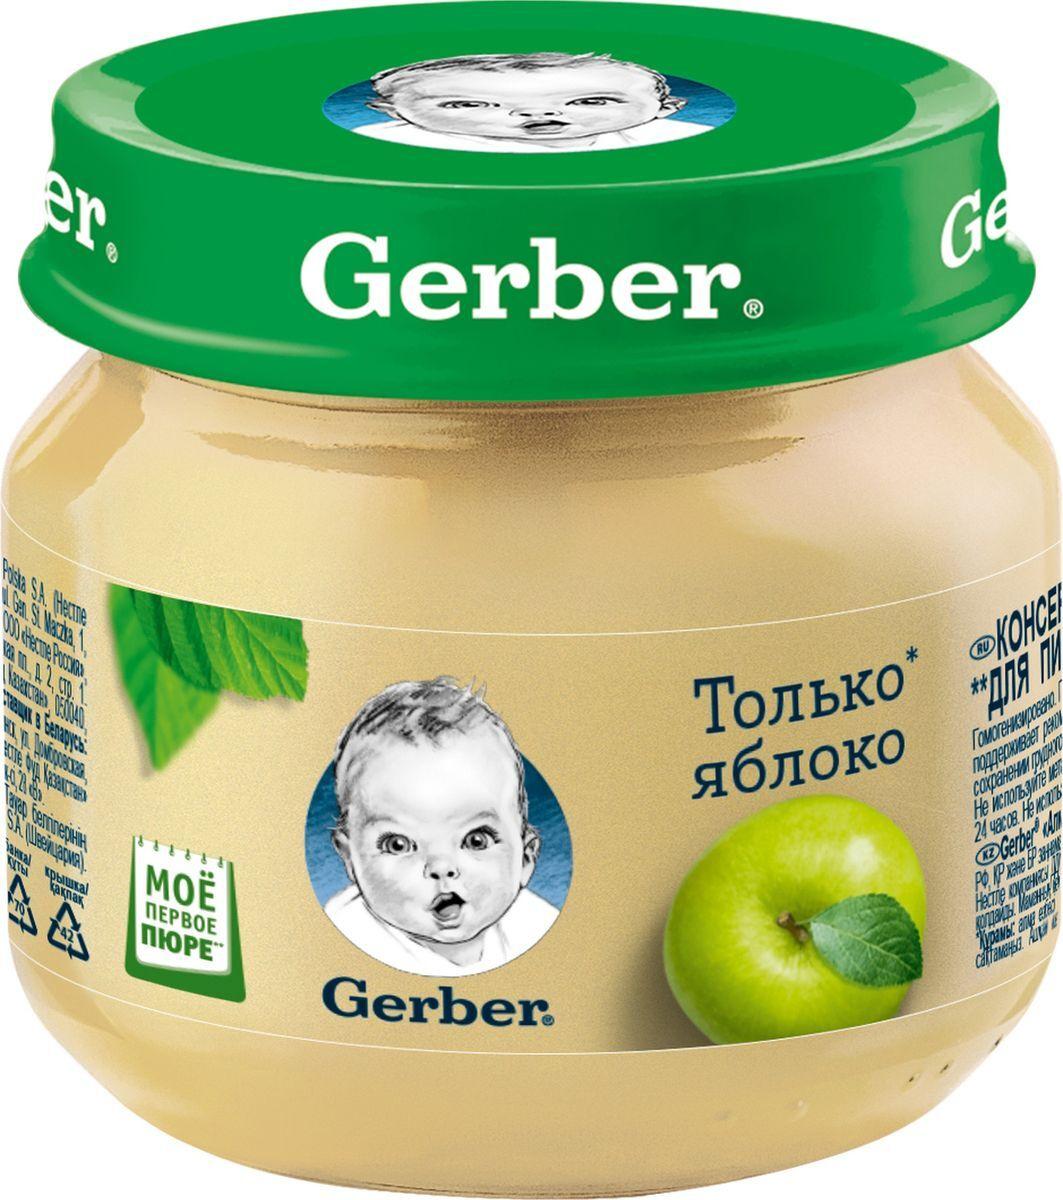 Пюре фруктовое Gerber Только яблоко, первая ступень, 80 г #1